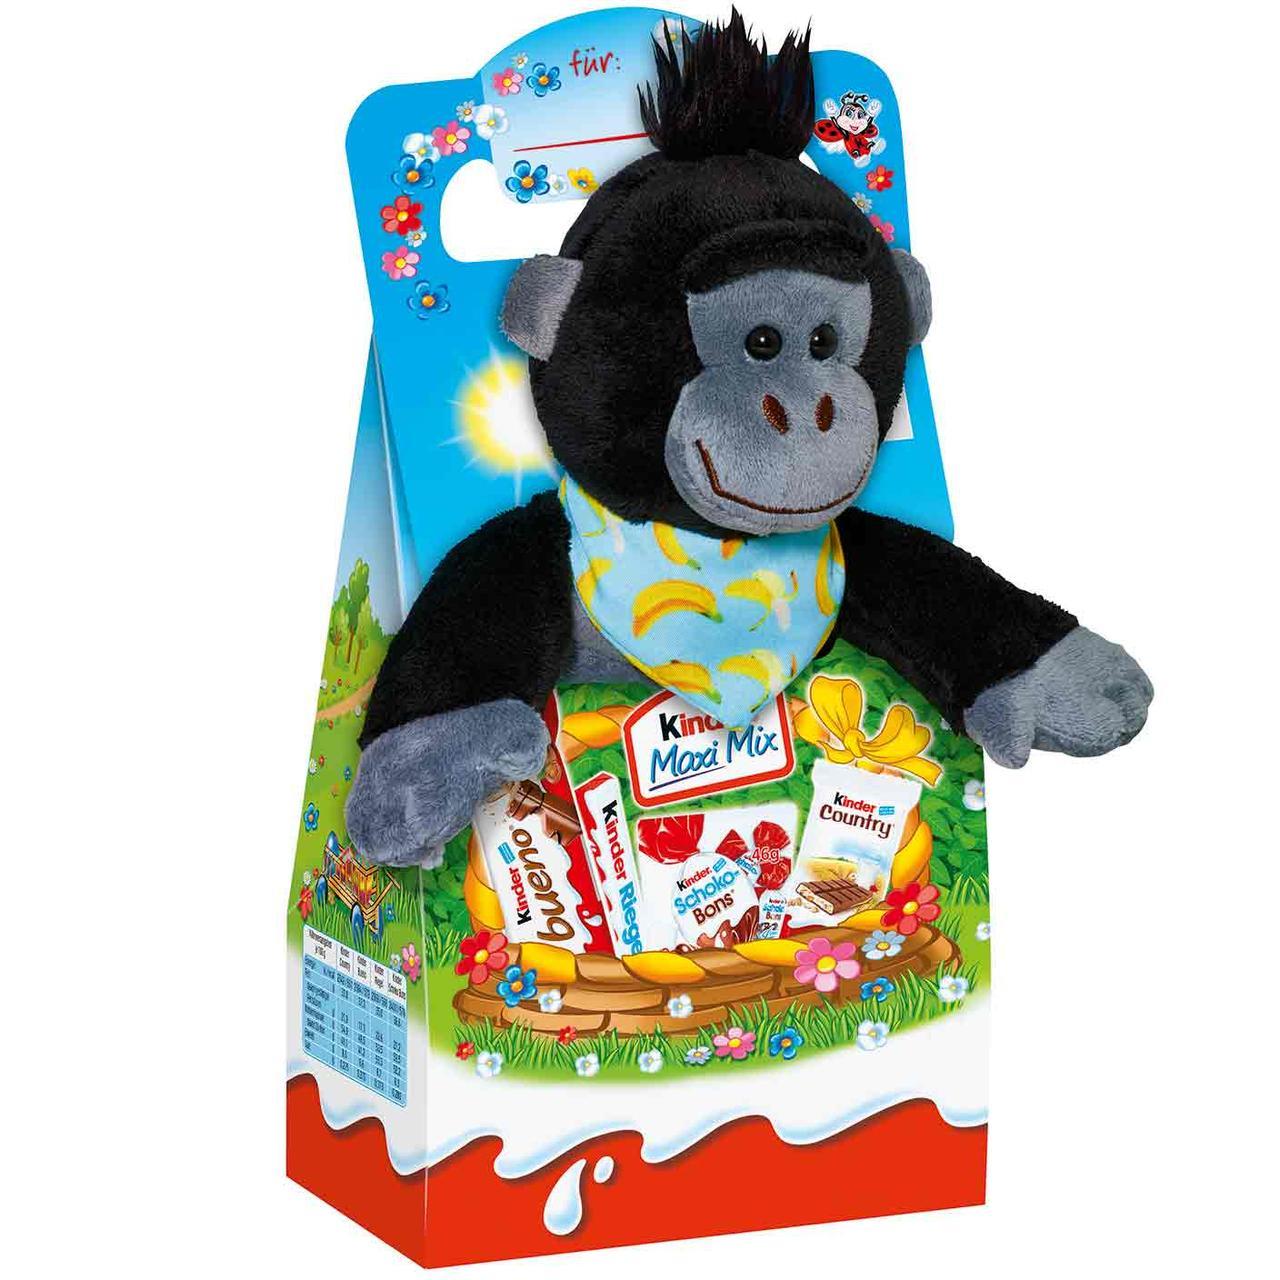 Мягкая игрушка Kinder Maxi Mix с мягкой игрушкой Обезьяна